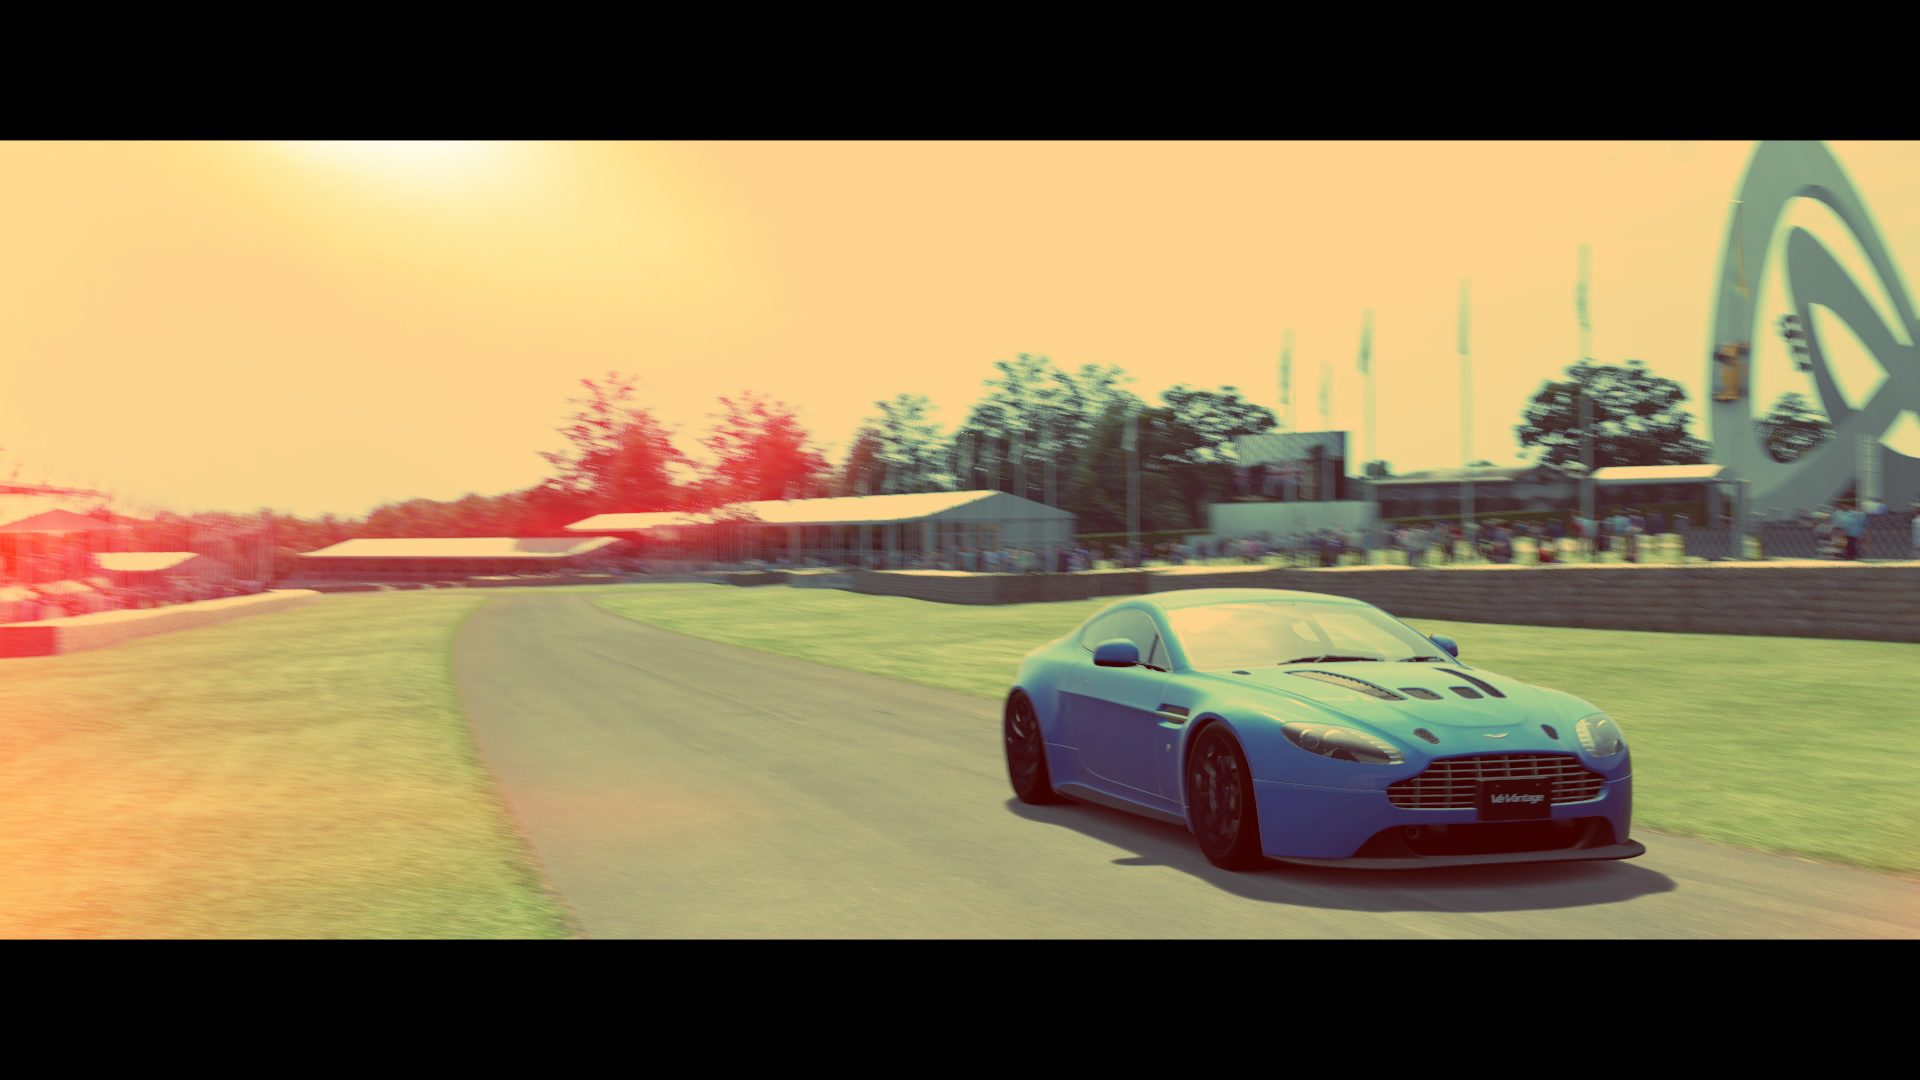 Aston edit 2.jpg